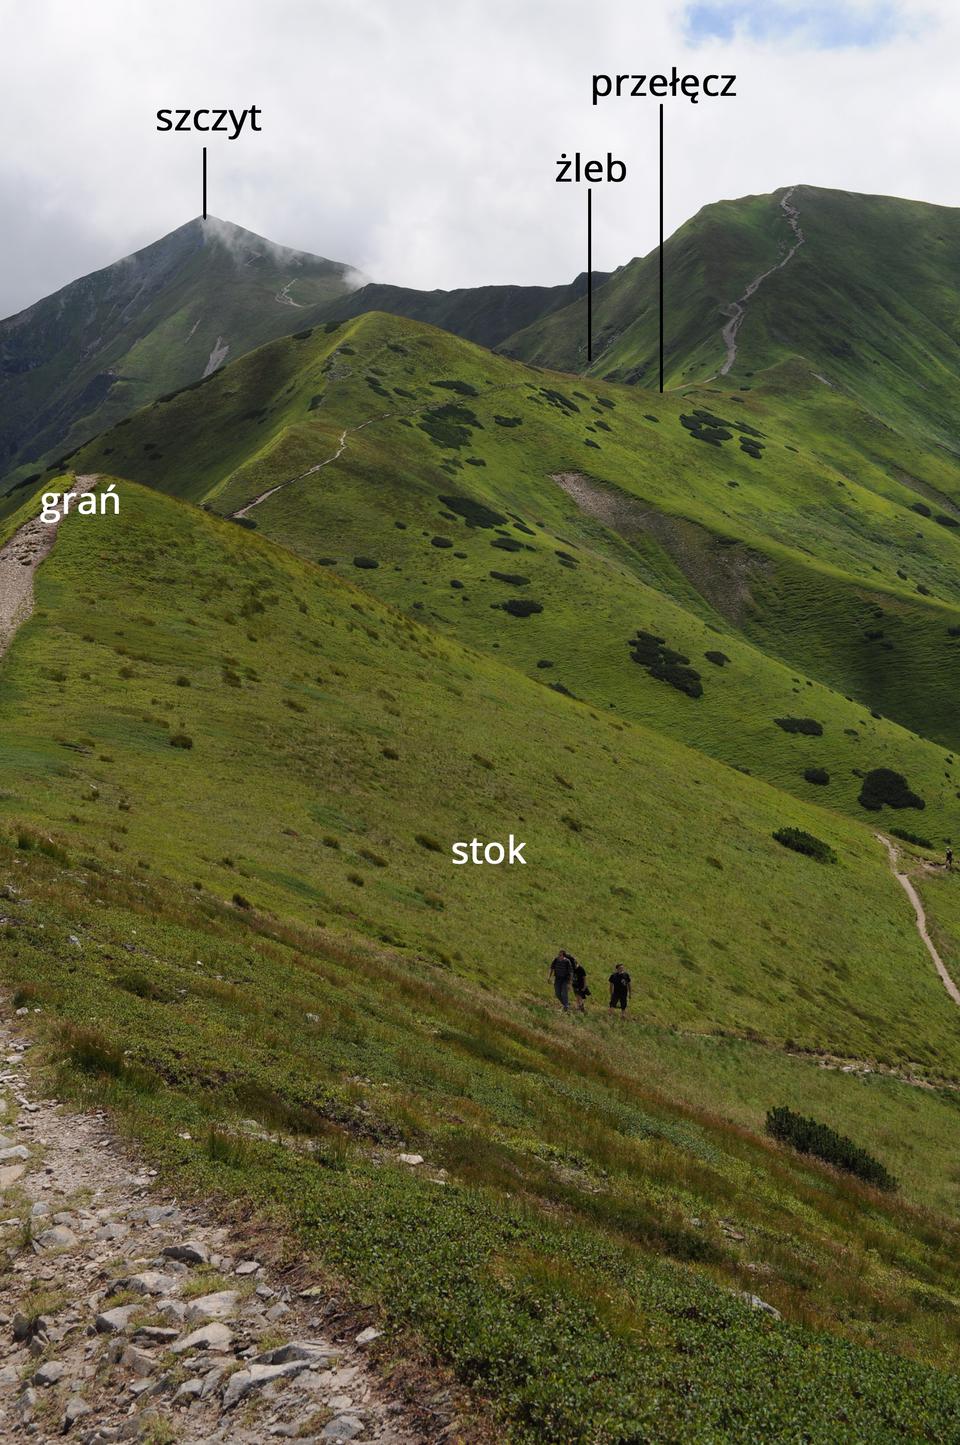 Fotografia prezentuje typowy widok wysokogórski zopisem form terenu. Strome zbocze po prawej stronie fotografii, to stok. Po lewej stronie, krawędź na szczycie stykających się zboczy, to grań. Obniżenie wprzebiegu grani, to przełęcz. Wklęsłe wcięcie wstoku po lewej stronie, to żleb. Na końcu fotografii po lewej stronie najwyższy punkt góry, to szczyt.